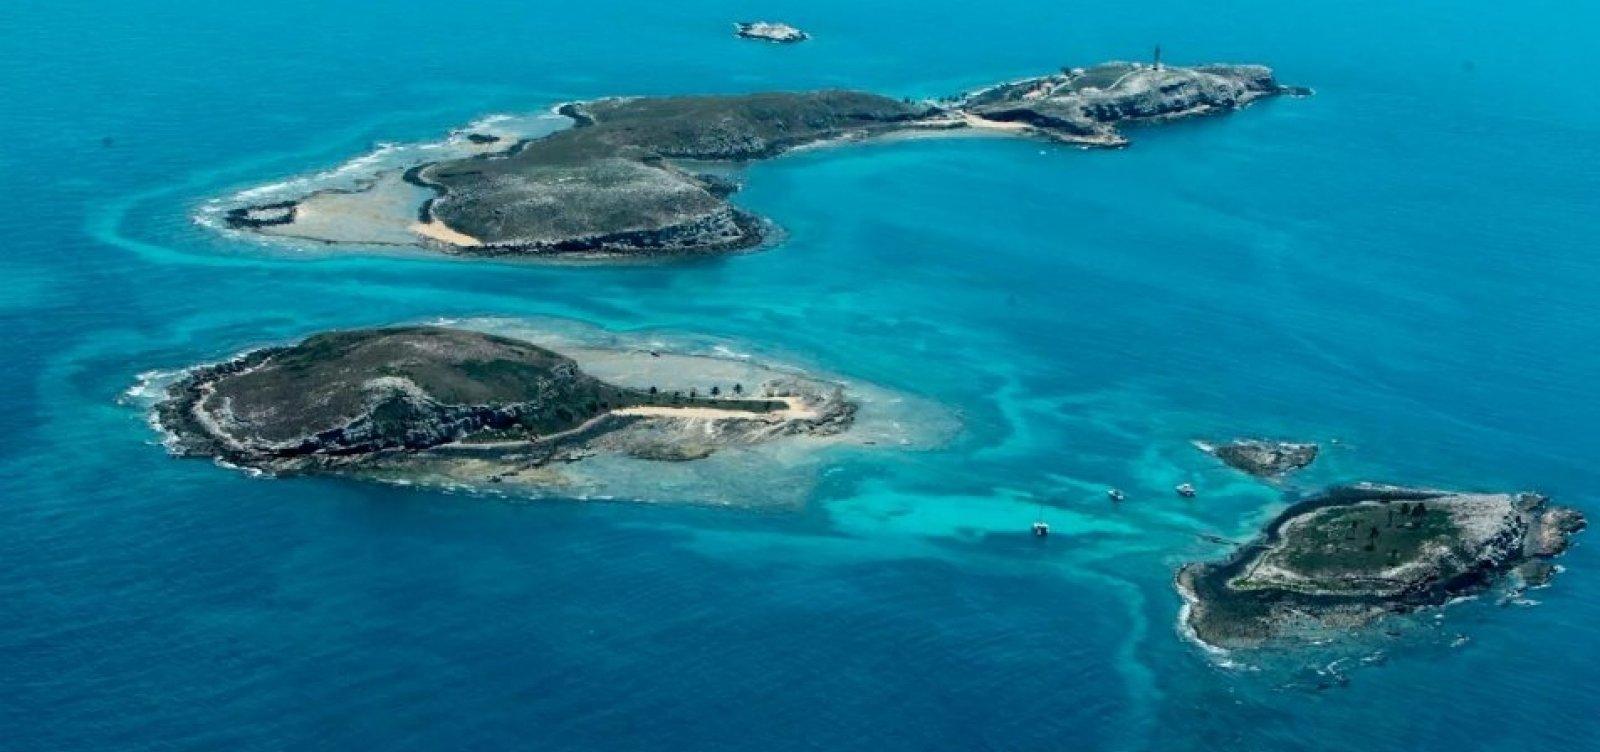 [Com redução de manchas de óleo, Parque Nacional de Abrolhos é reaberto]